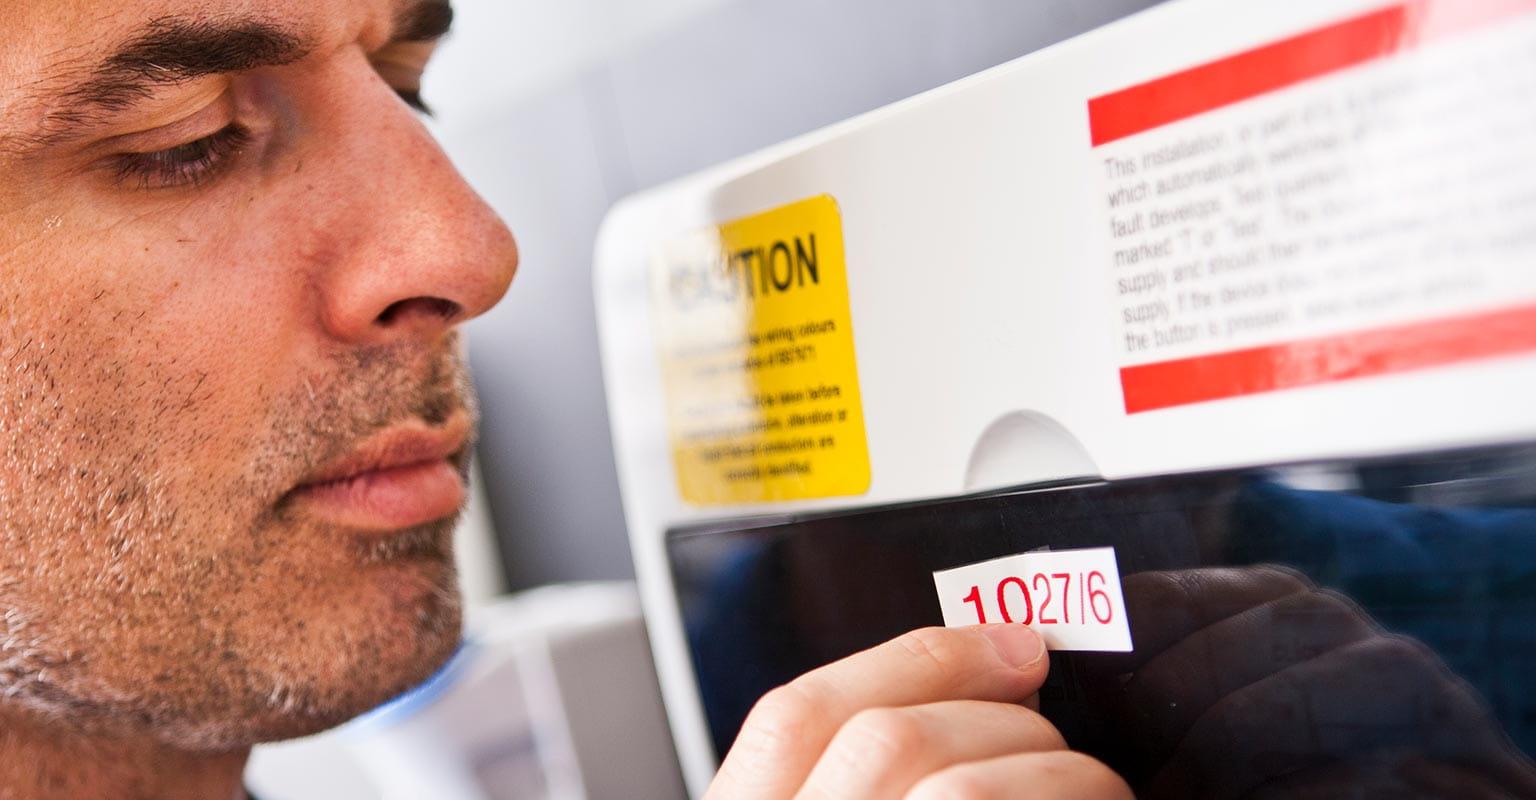 Mann setter en etikett på en vare